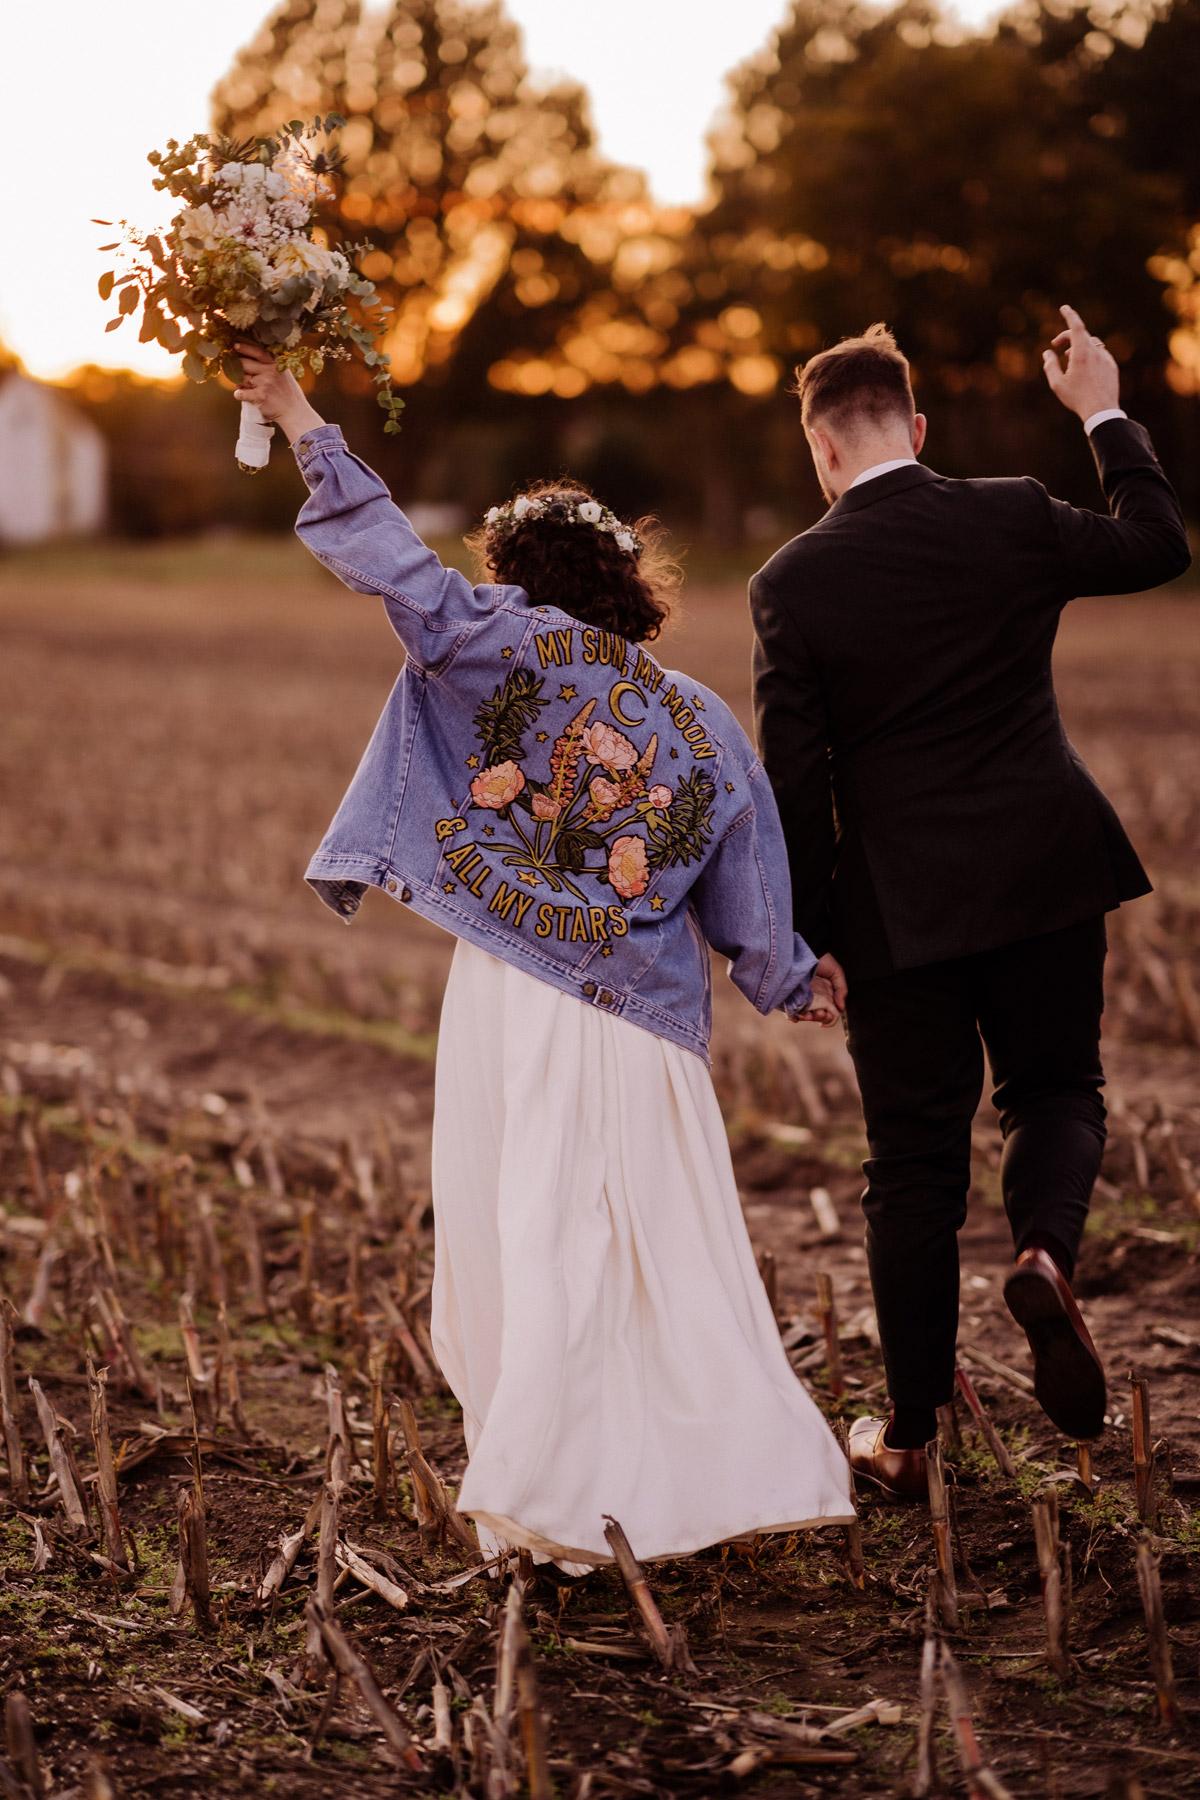 Brautpaarfoto-Shooting Idee in Natur zum Sonnenuntergang von hinten für natürliche Hochzeitspaar Bilder, modernes Hochzeitsshooting © www.hochzeitslicht.de #hochzeitslicht #Brautpaarshooting #Hochzeitsfotos #Hochzeitspaarfotos